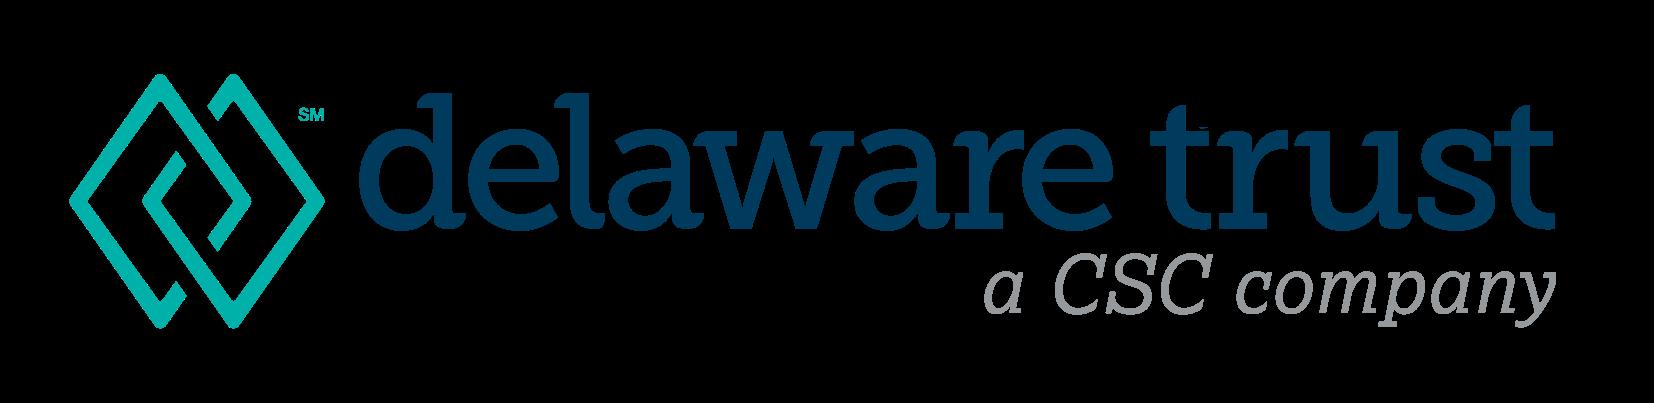 Delaware Trust, a CSC Company